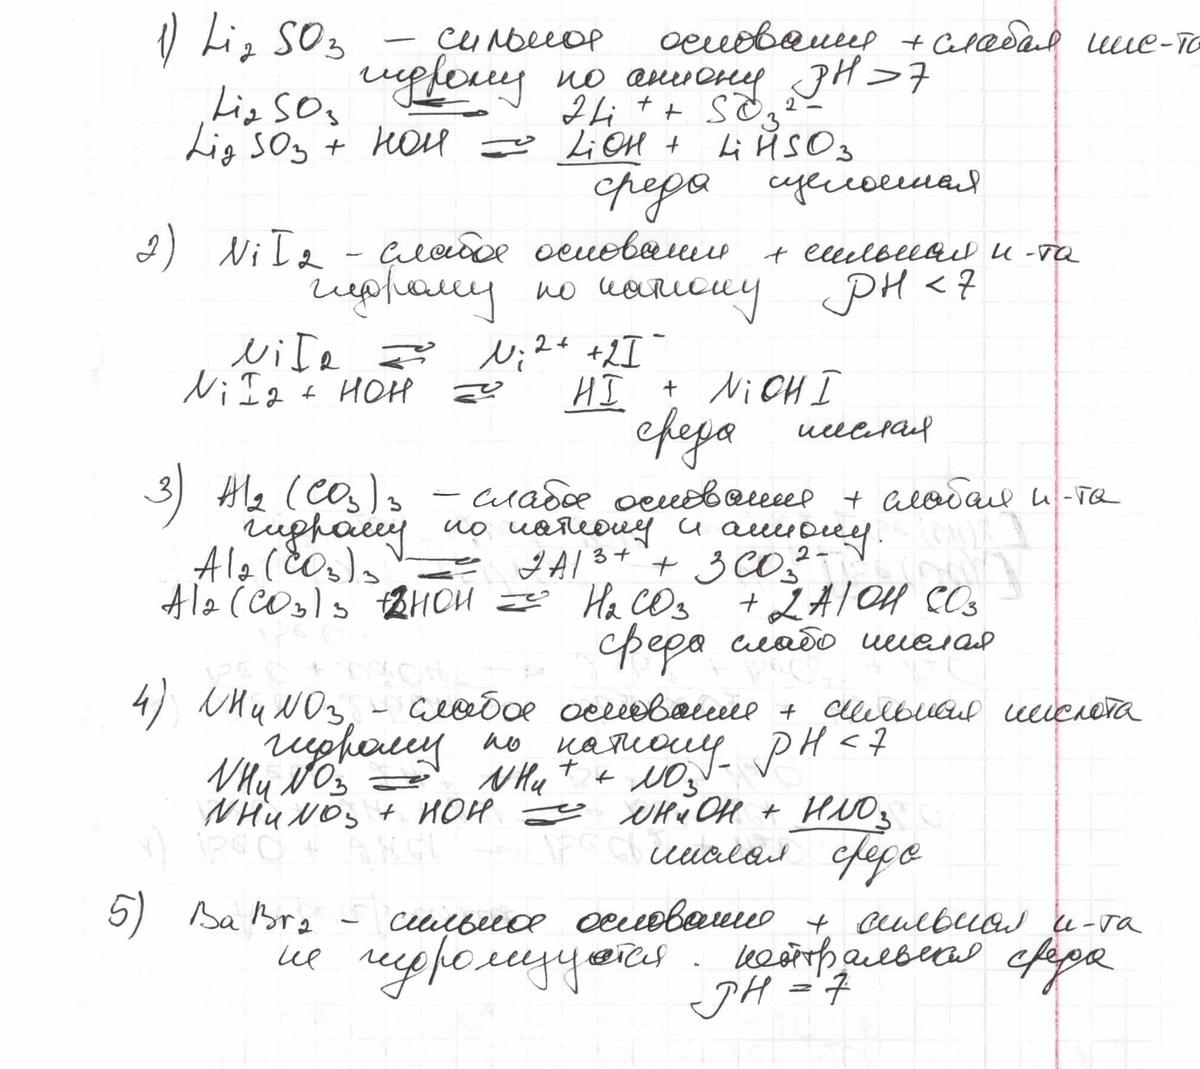 Изображение к вопросу 1.Напишите уравнение диссоциации:а) HClO3 б)KHSO4 в) LiOH 1.1 Составьте ионное уравнение данных реакций:а) Pb(NO3)2 + Na2SO4 > PbSO4 + NaNO3б)KOH + HCl > KCl + H2O2.Решение на скрине, только напишите функции в ионном виде3.1)Al + I2 - AlI3 2)C + HNO3 - CO2 + NO + H2O 3)Cu + H2SO4 - CuSO4 + SO2 + H2Oнужно определить окислитель восстановление или восстановитель окисление с РЕШЕНИЕМ!4.Допишите уравнение возможных реакций. Составьте Электронный баланс, Если Реакция не идет, объясните почему?Au + HCL >Fe + H2SO4разб >Hg + AgNO3 >Cr + H2O >Mn + NiSO4 >Ca + H20 > ПОЖАЛУЙСТА ПОМОГИТЕ КТО МОЖЕТ!!